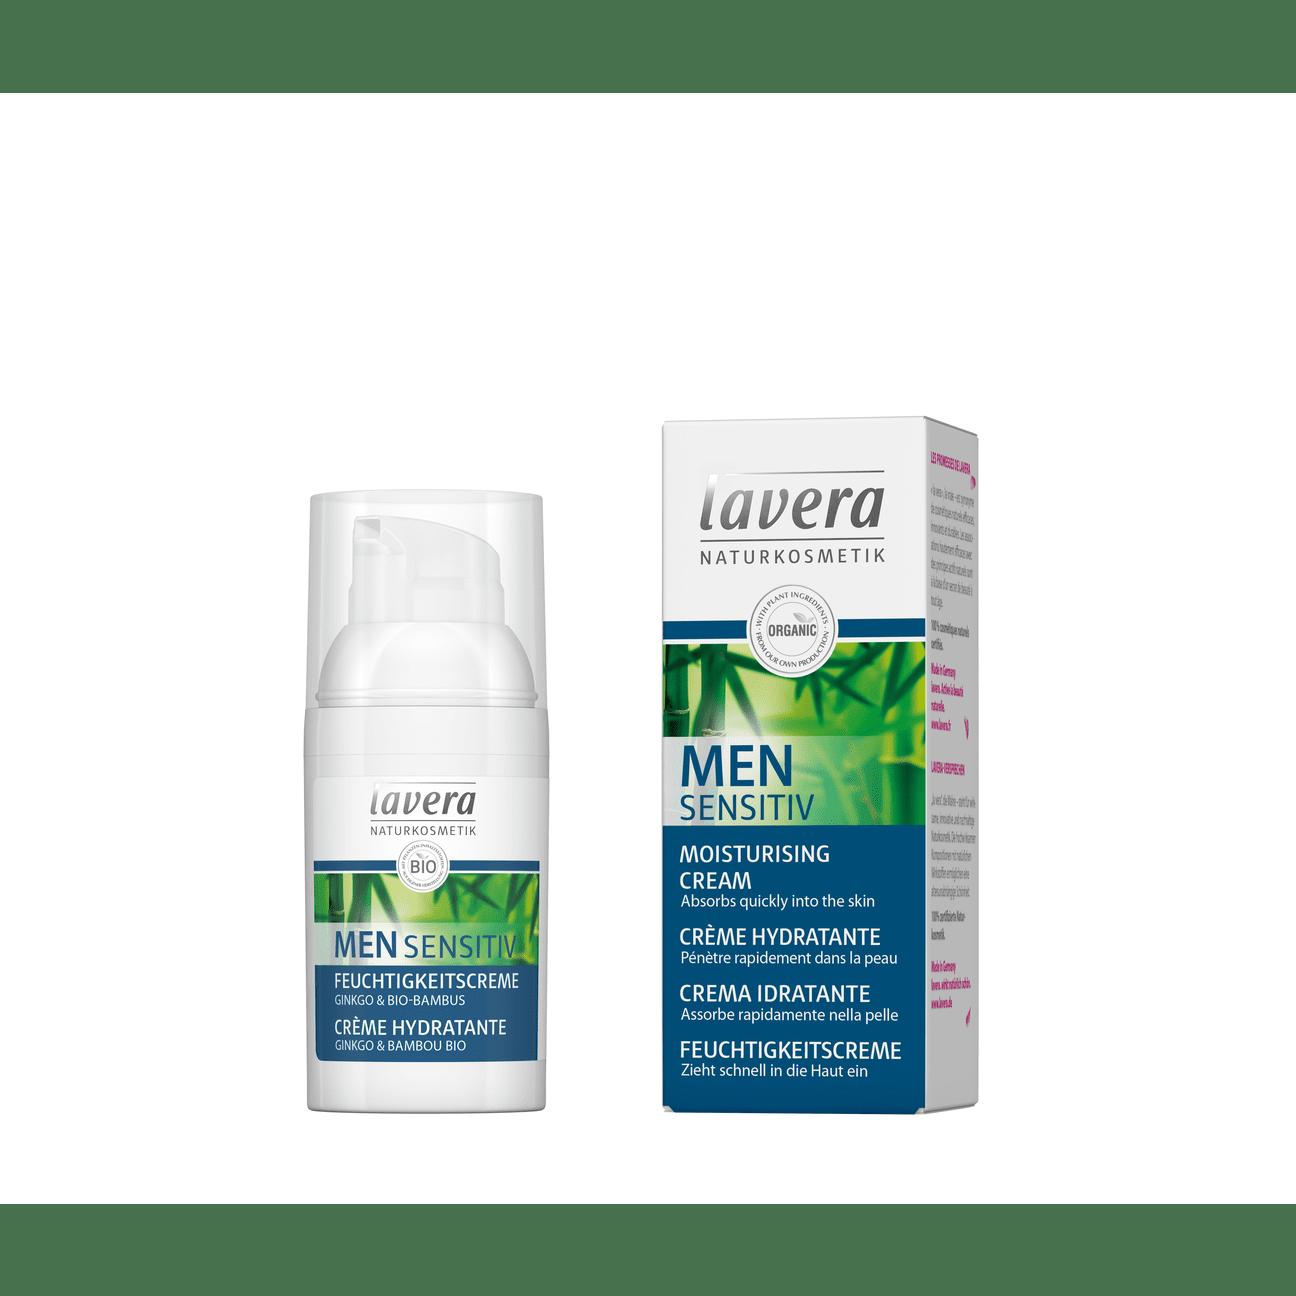 Lavera Men Sensitive Moisturising Face Cream 30ml